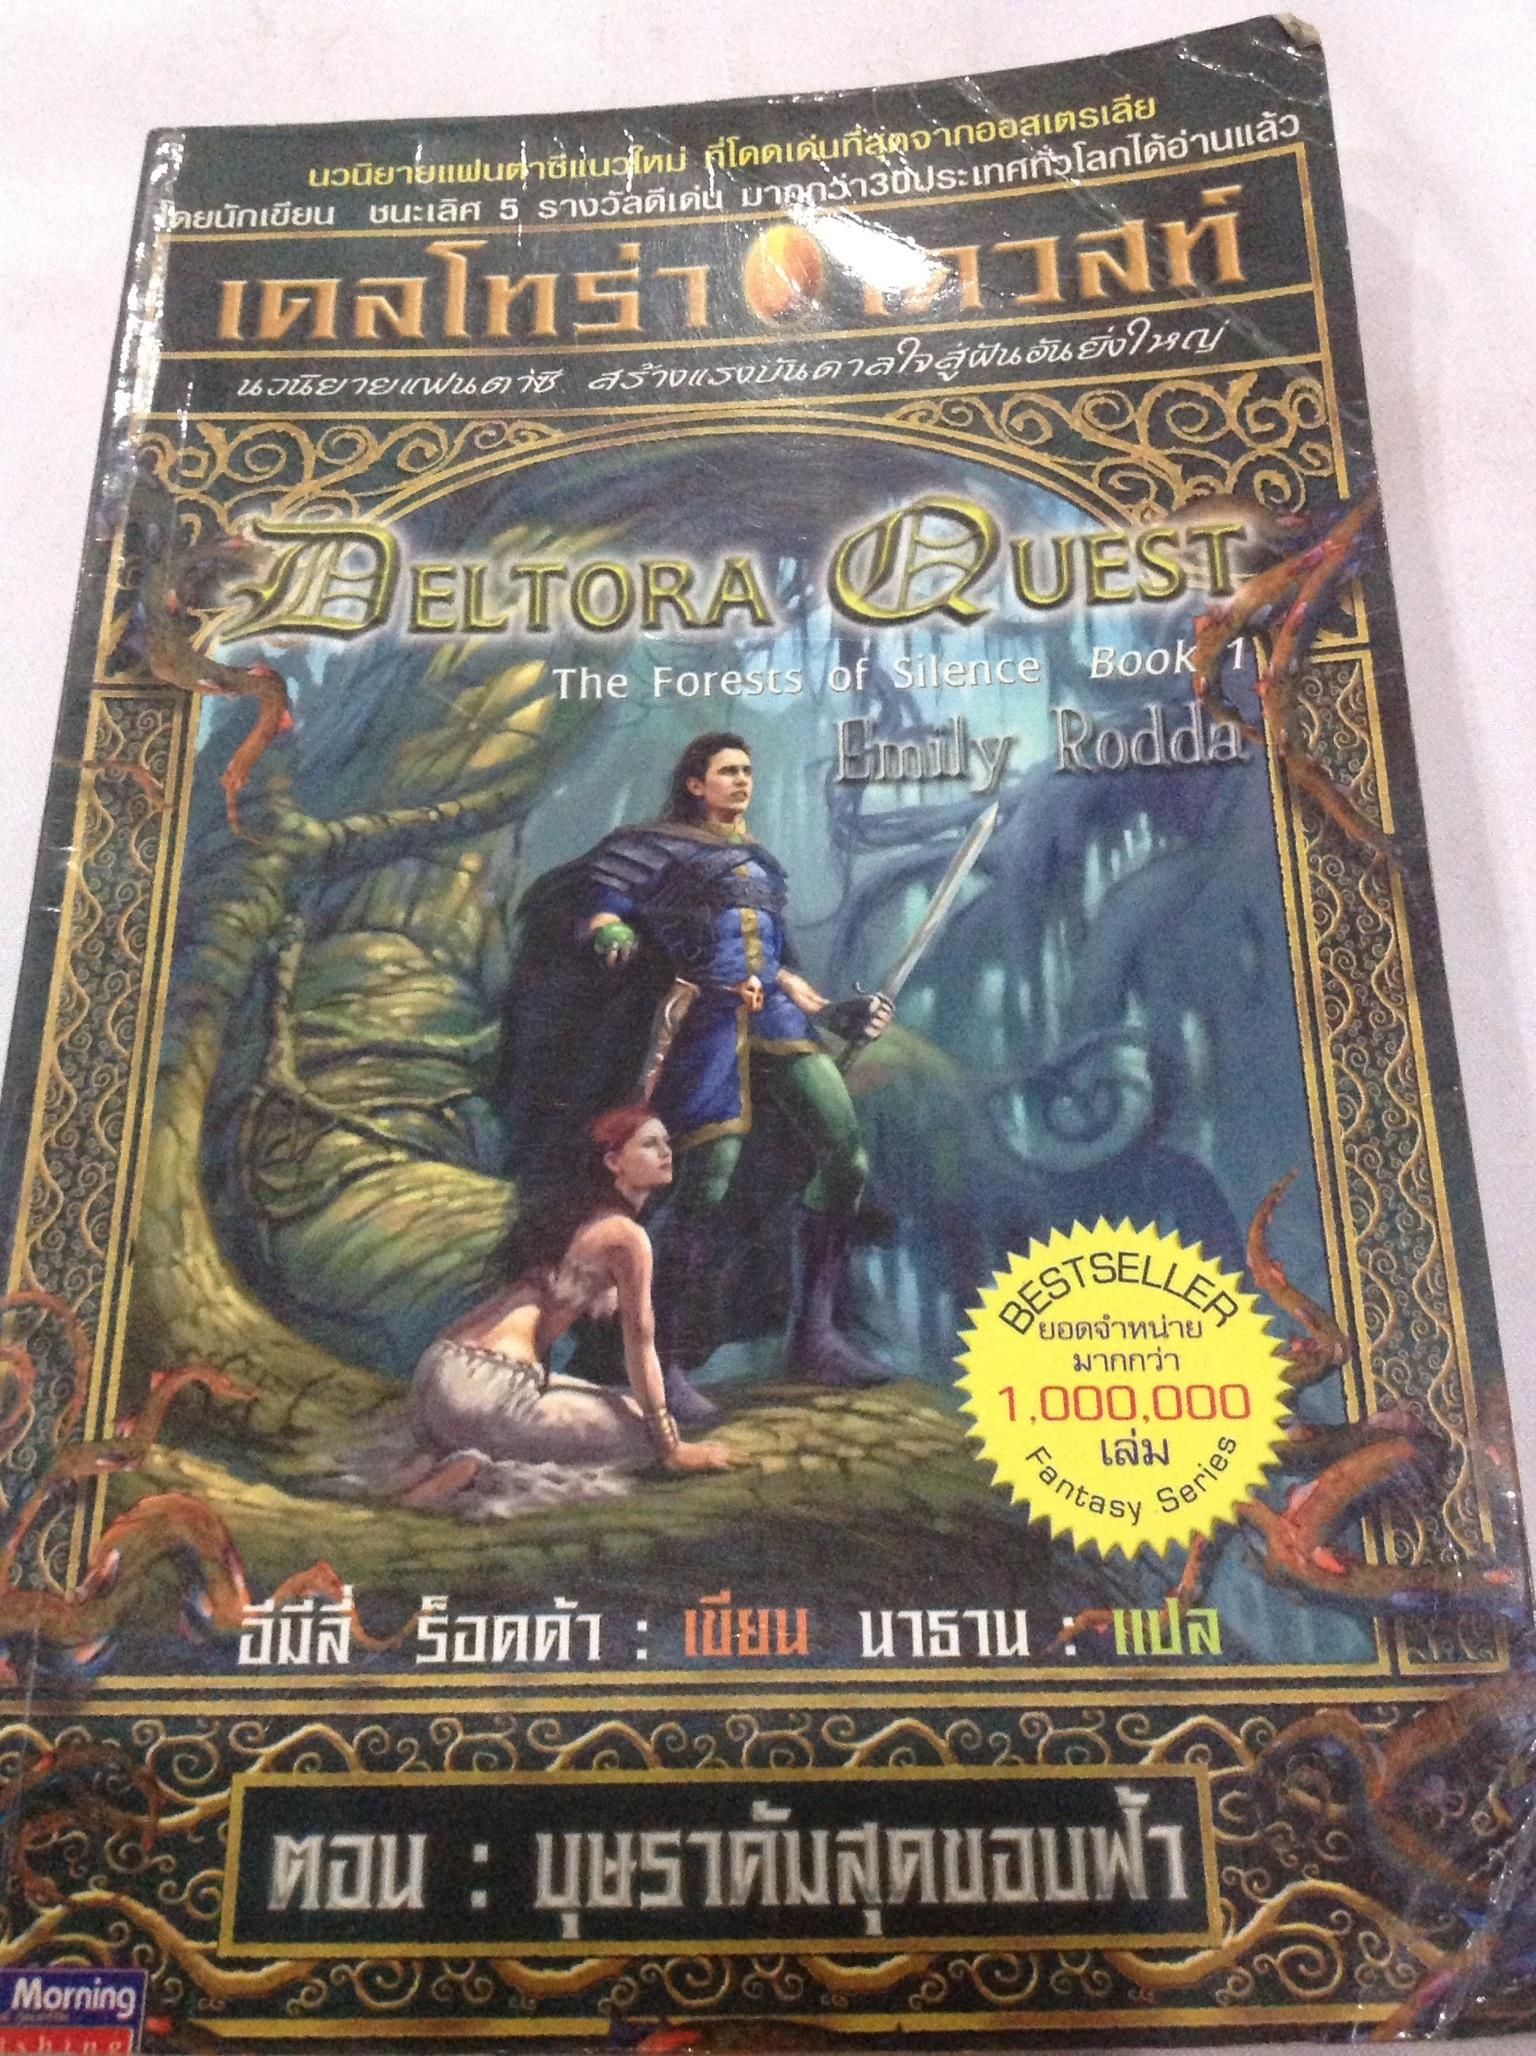 เดลโทร่า เควสท์ Deltora Quest ตอน บุษราคัมสุดขอบฟ้า